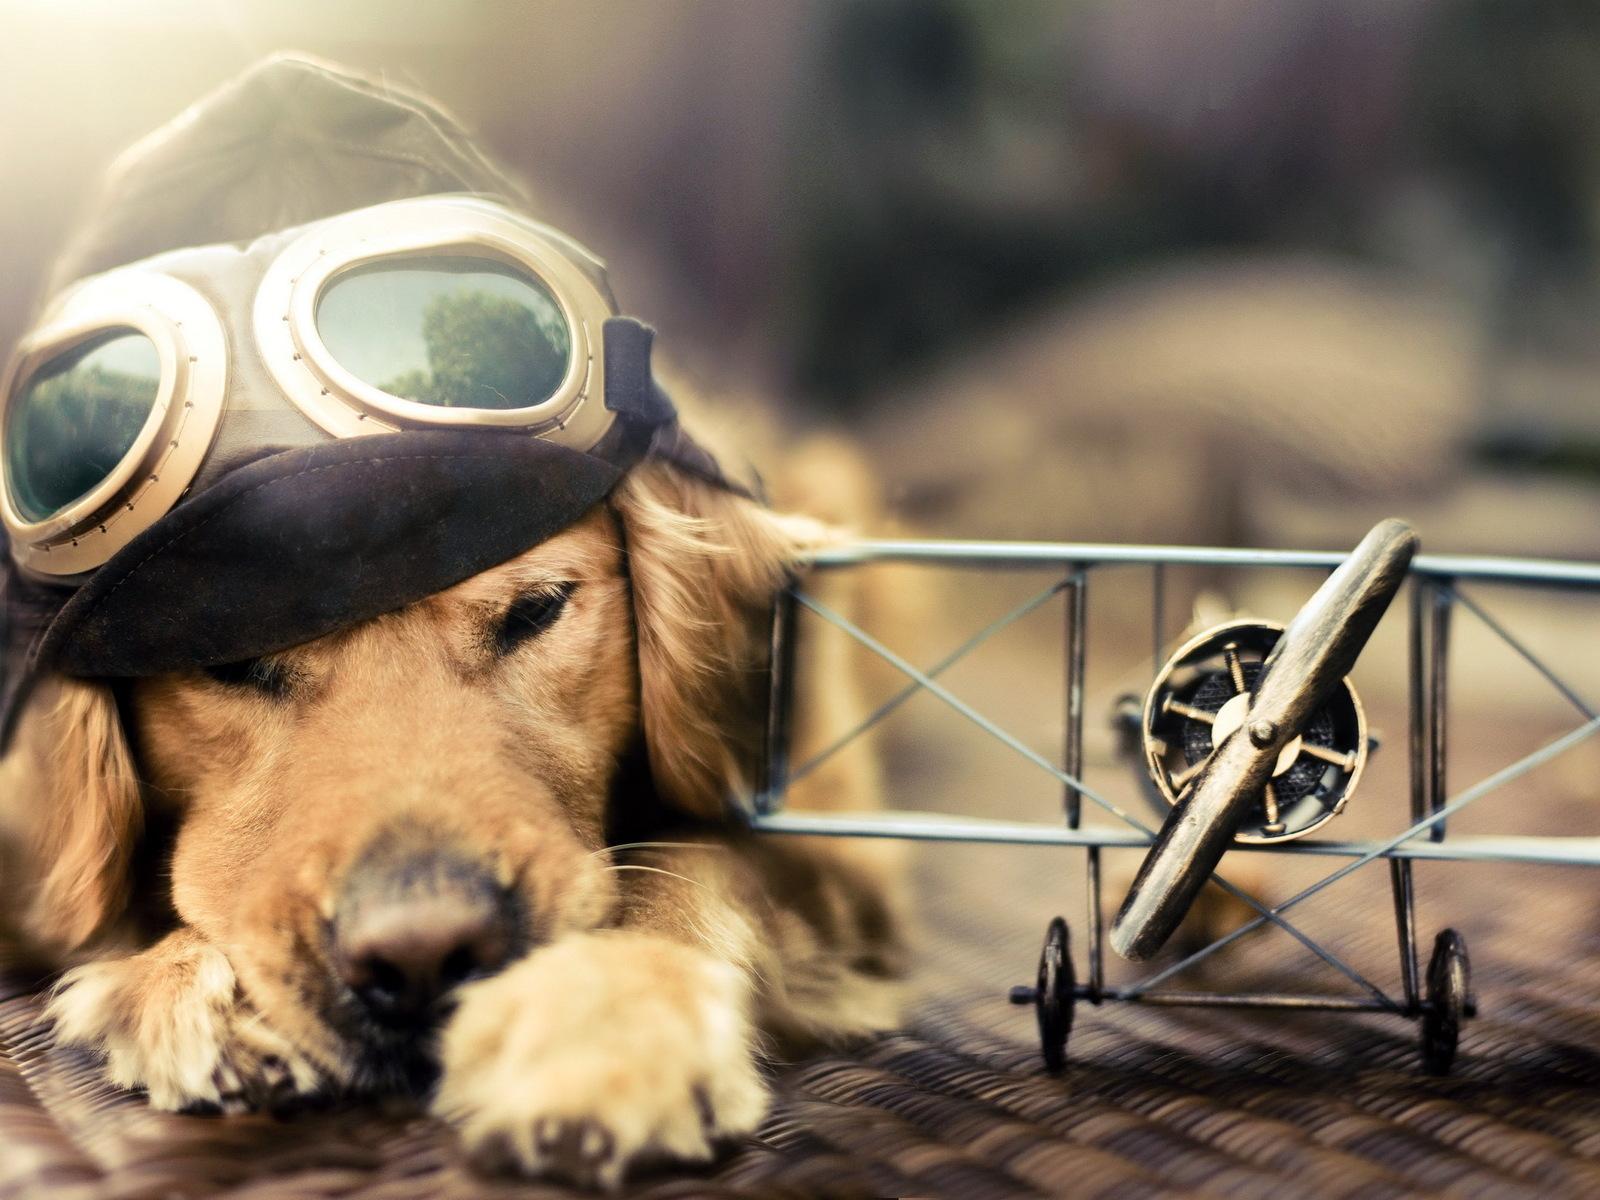 funny aviator dog hd desktop wallpaper